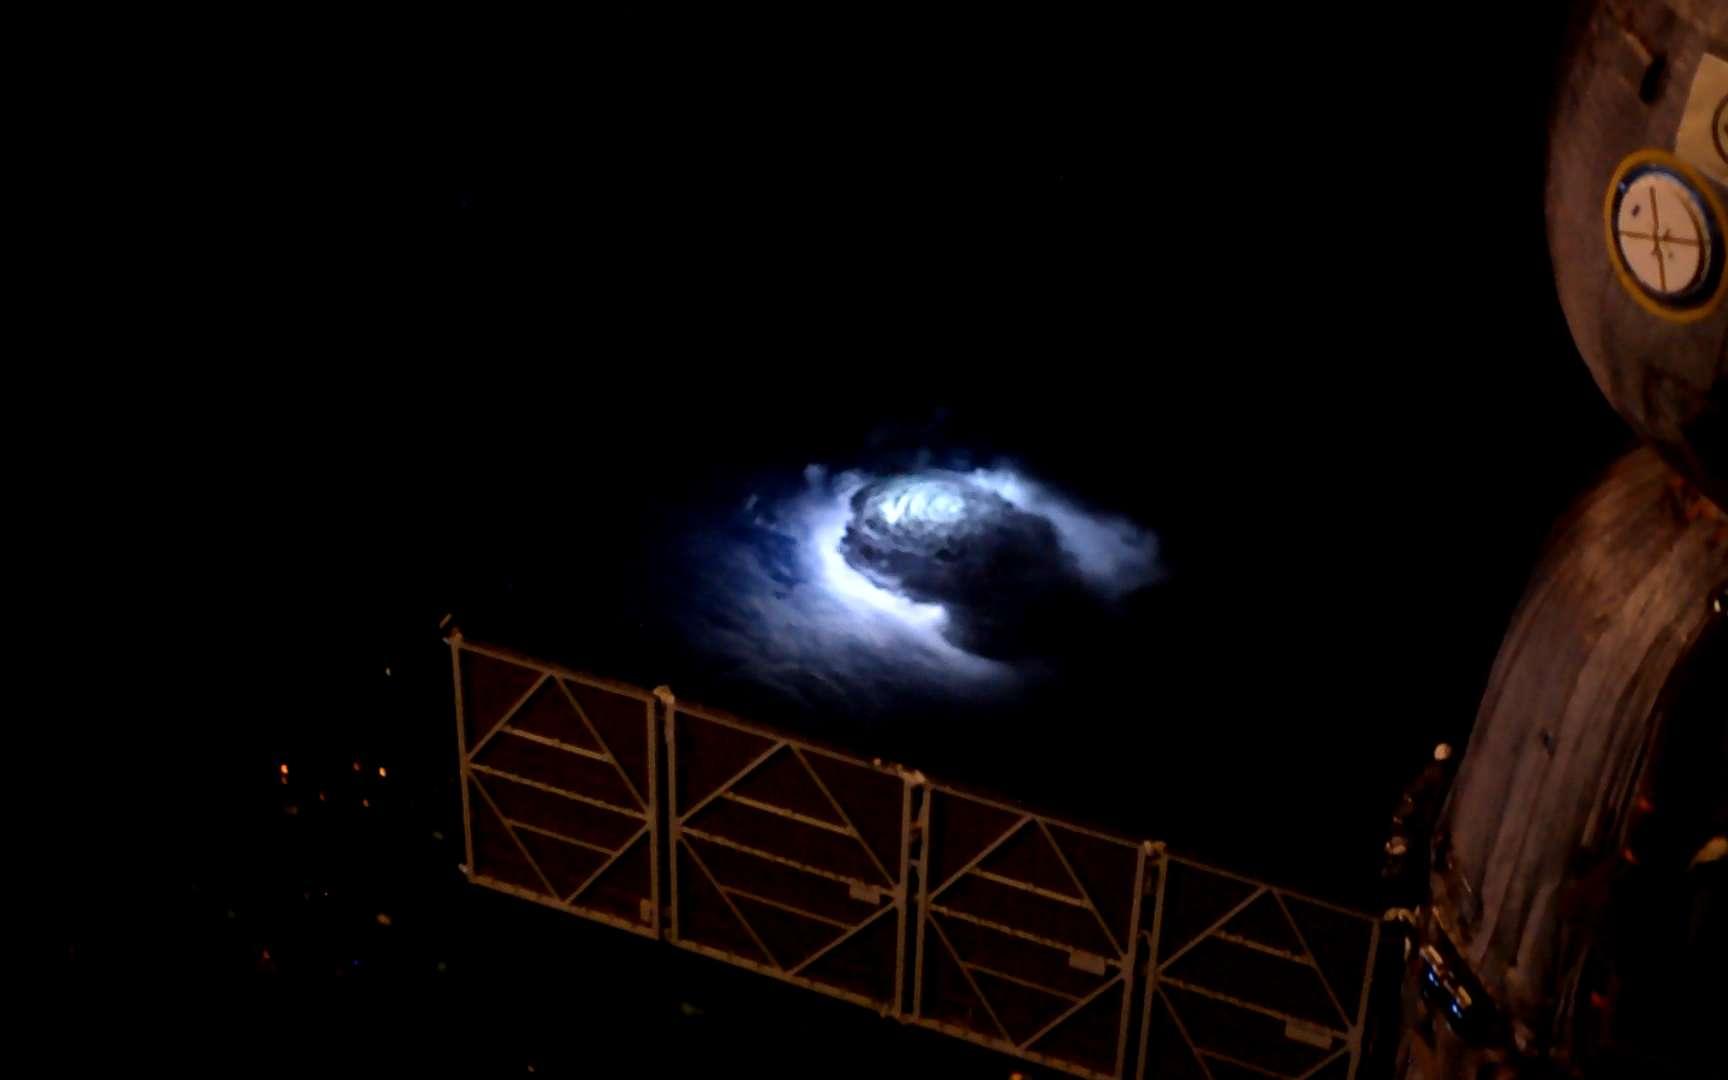 Un orage vu de la Station spatiale. © Nasa, ESA